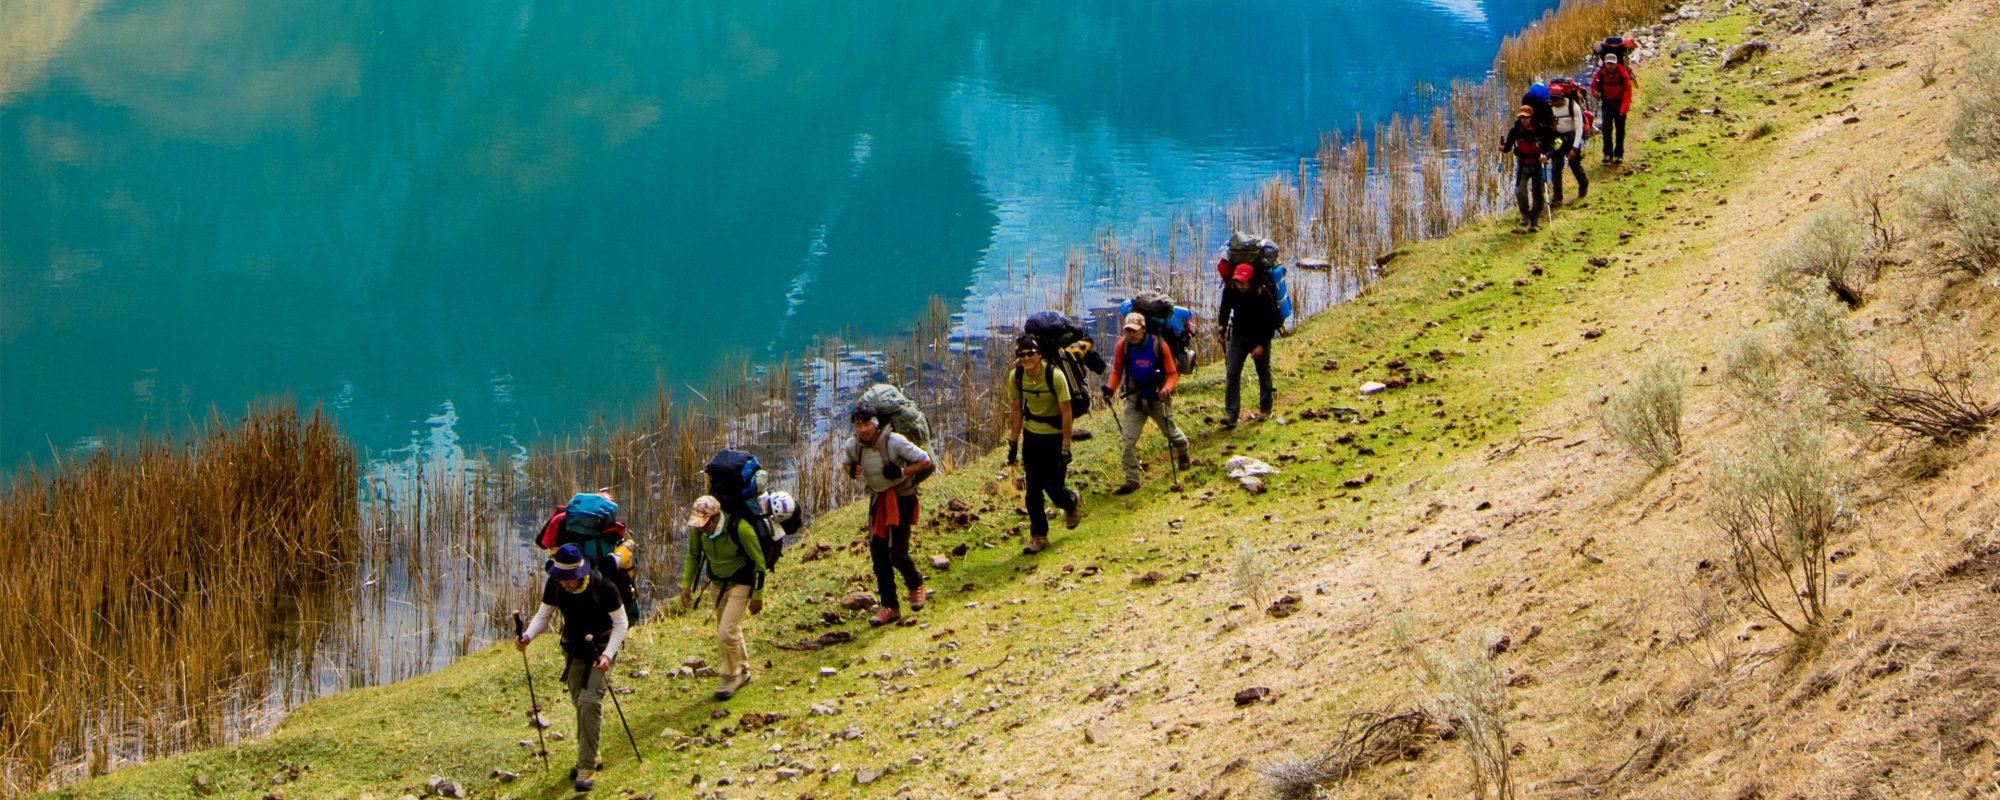 Enjoy Trekking in Nepal